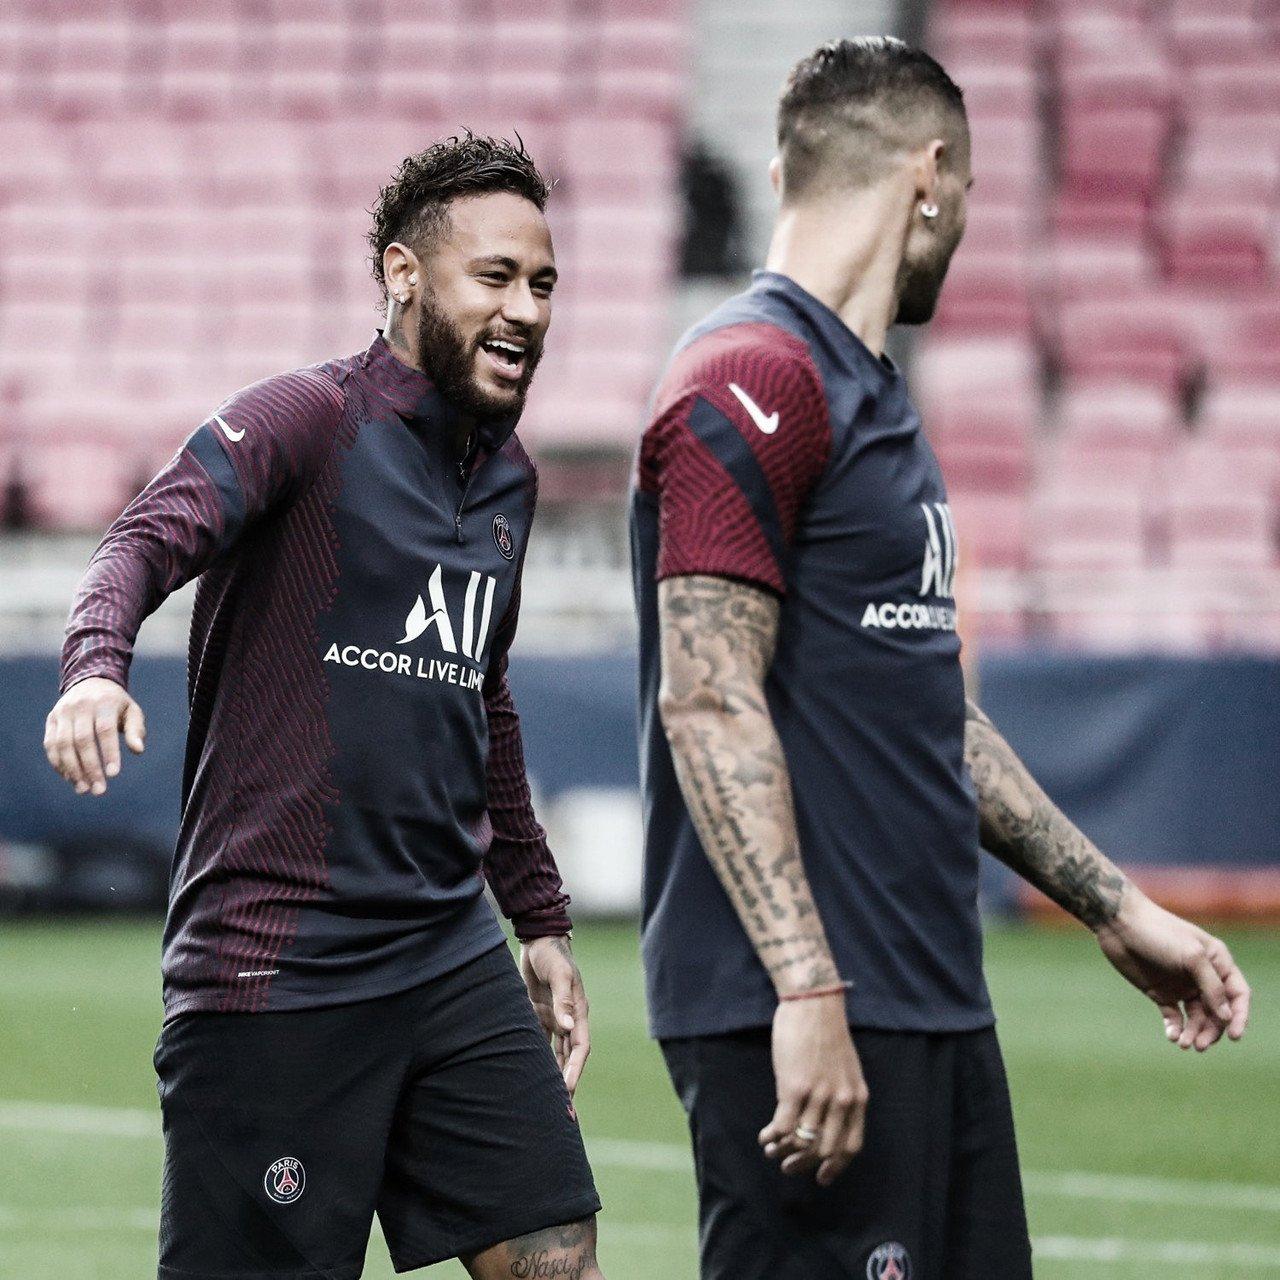 Hora da verdade: Atalanta e PSG disputam vaga nas semifinais da Champions